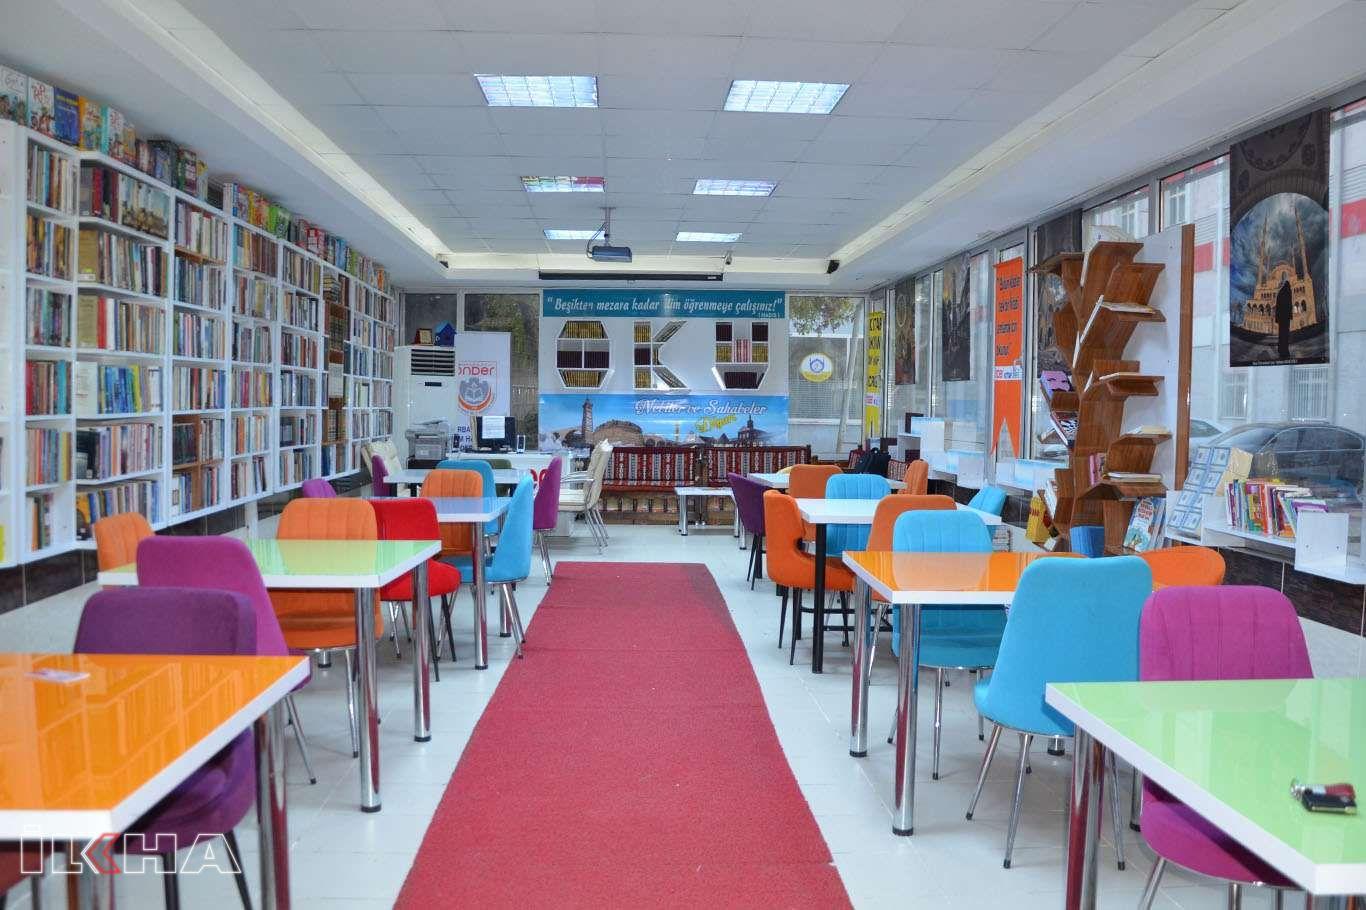 Diyarbakırda tasarımıyla dikkat çeken kütüphane